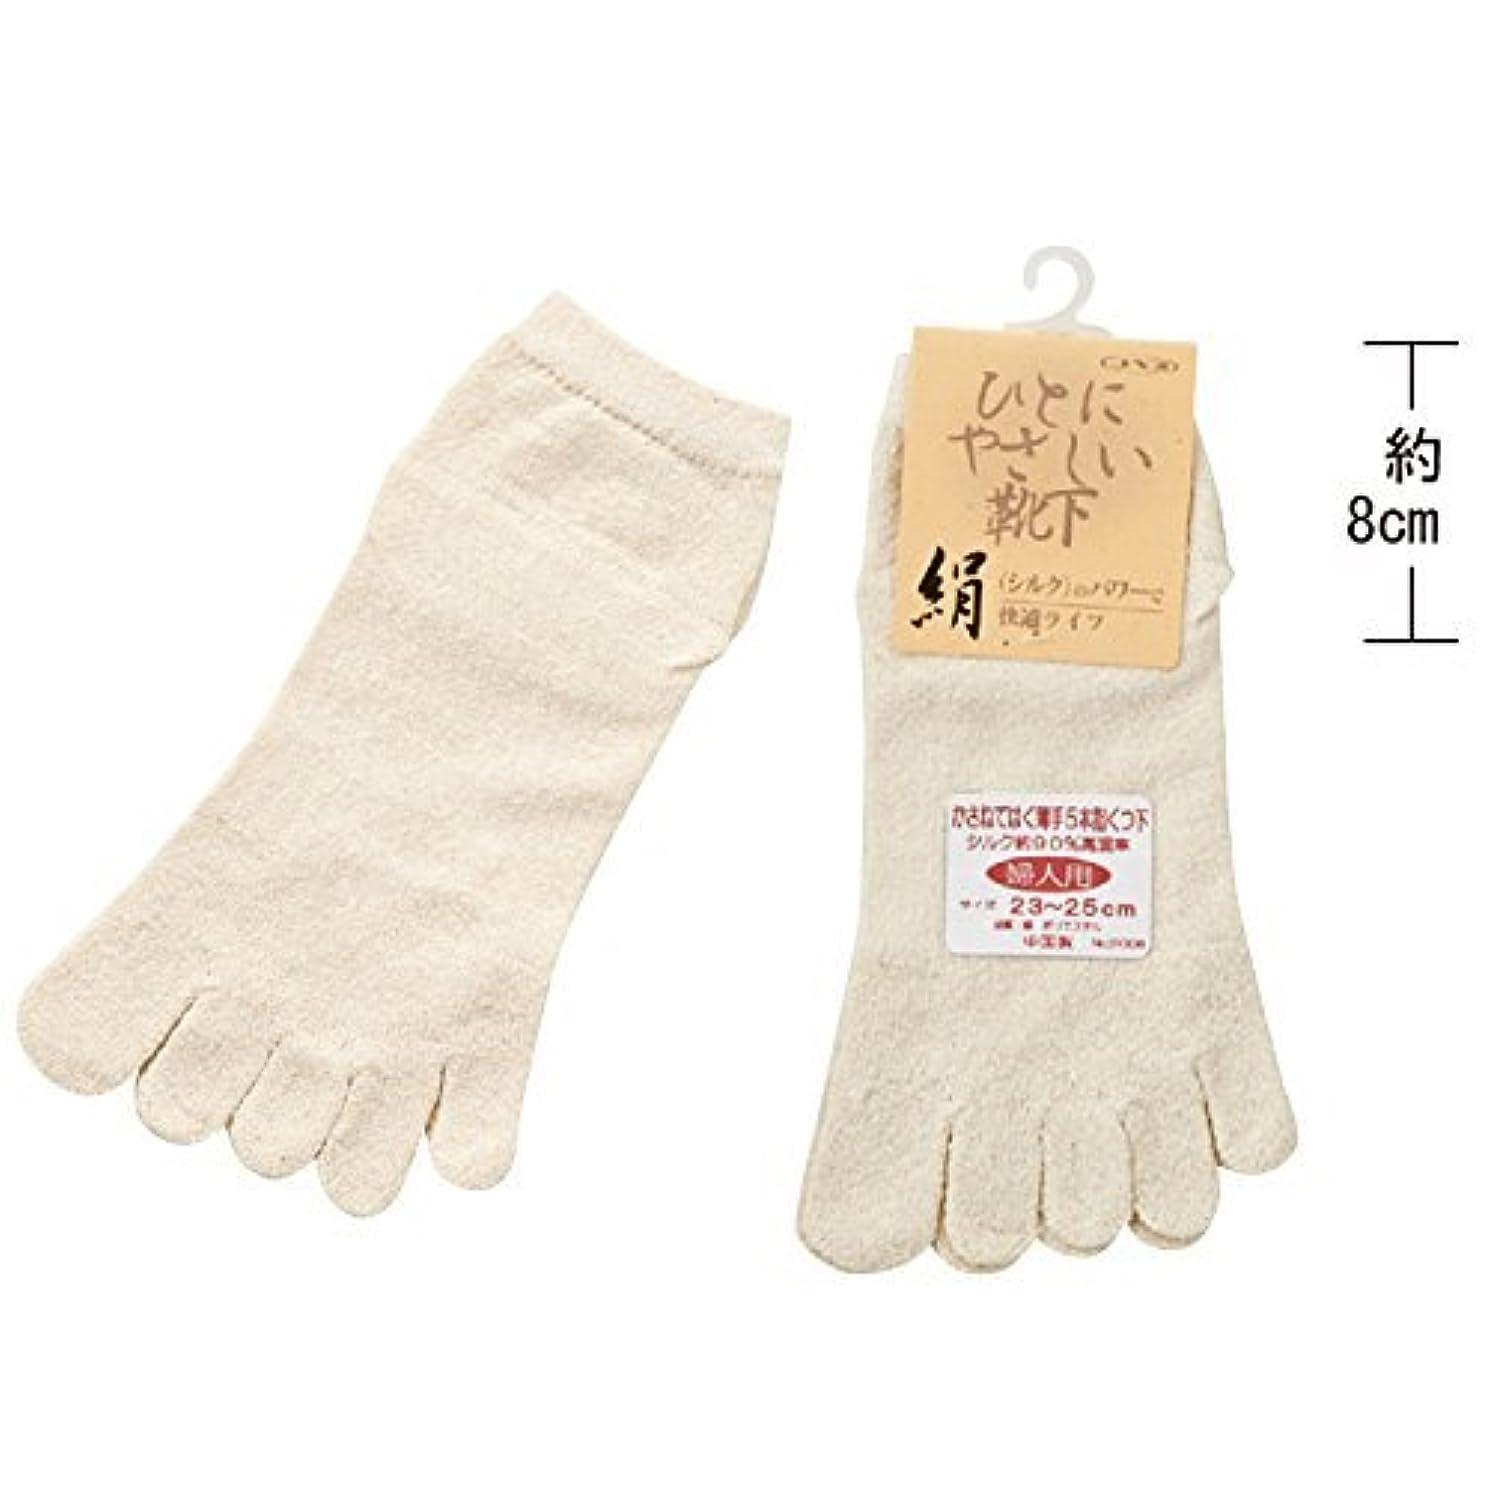 受け入れる運河無視するコベス 婦人シルクかさねてはく薄手5本指くつ下